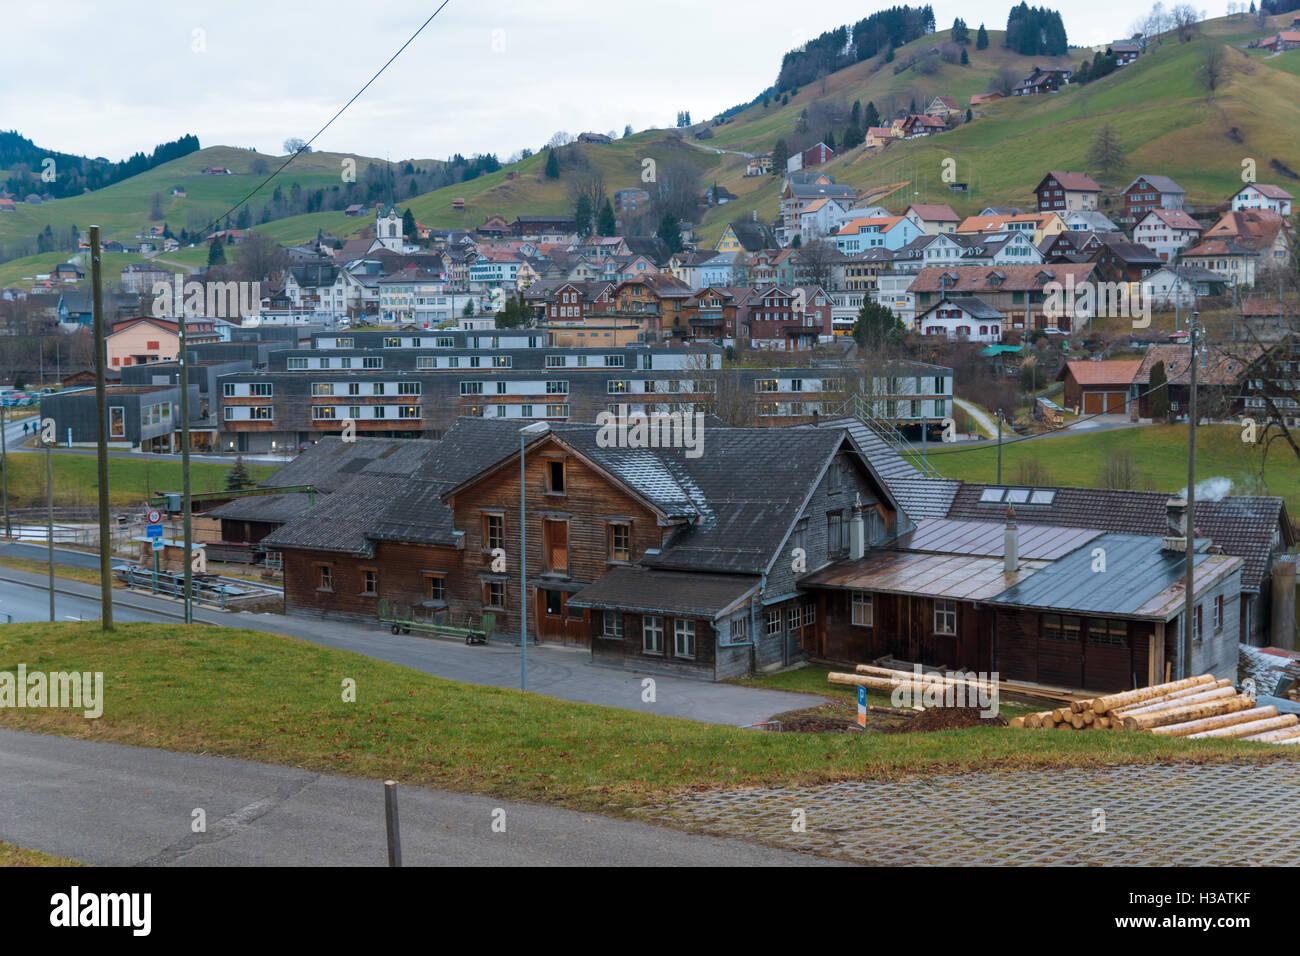 URNÄSCH, Schweiz - 31. Dezember 2015: Blick auf das Dorf Urnäsch, Kanton Appenzell Ausserrhoden, Schweiz Stockbild